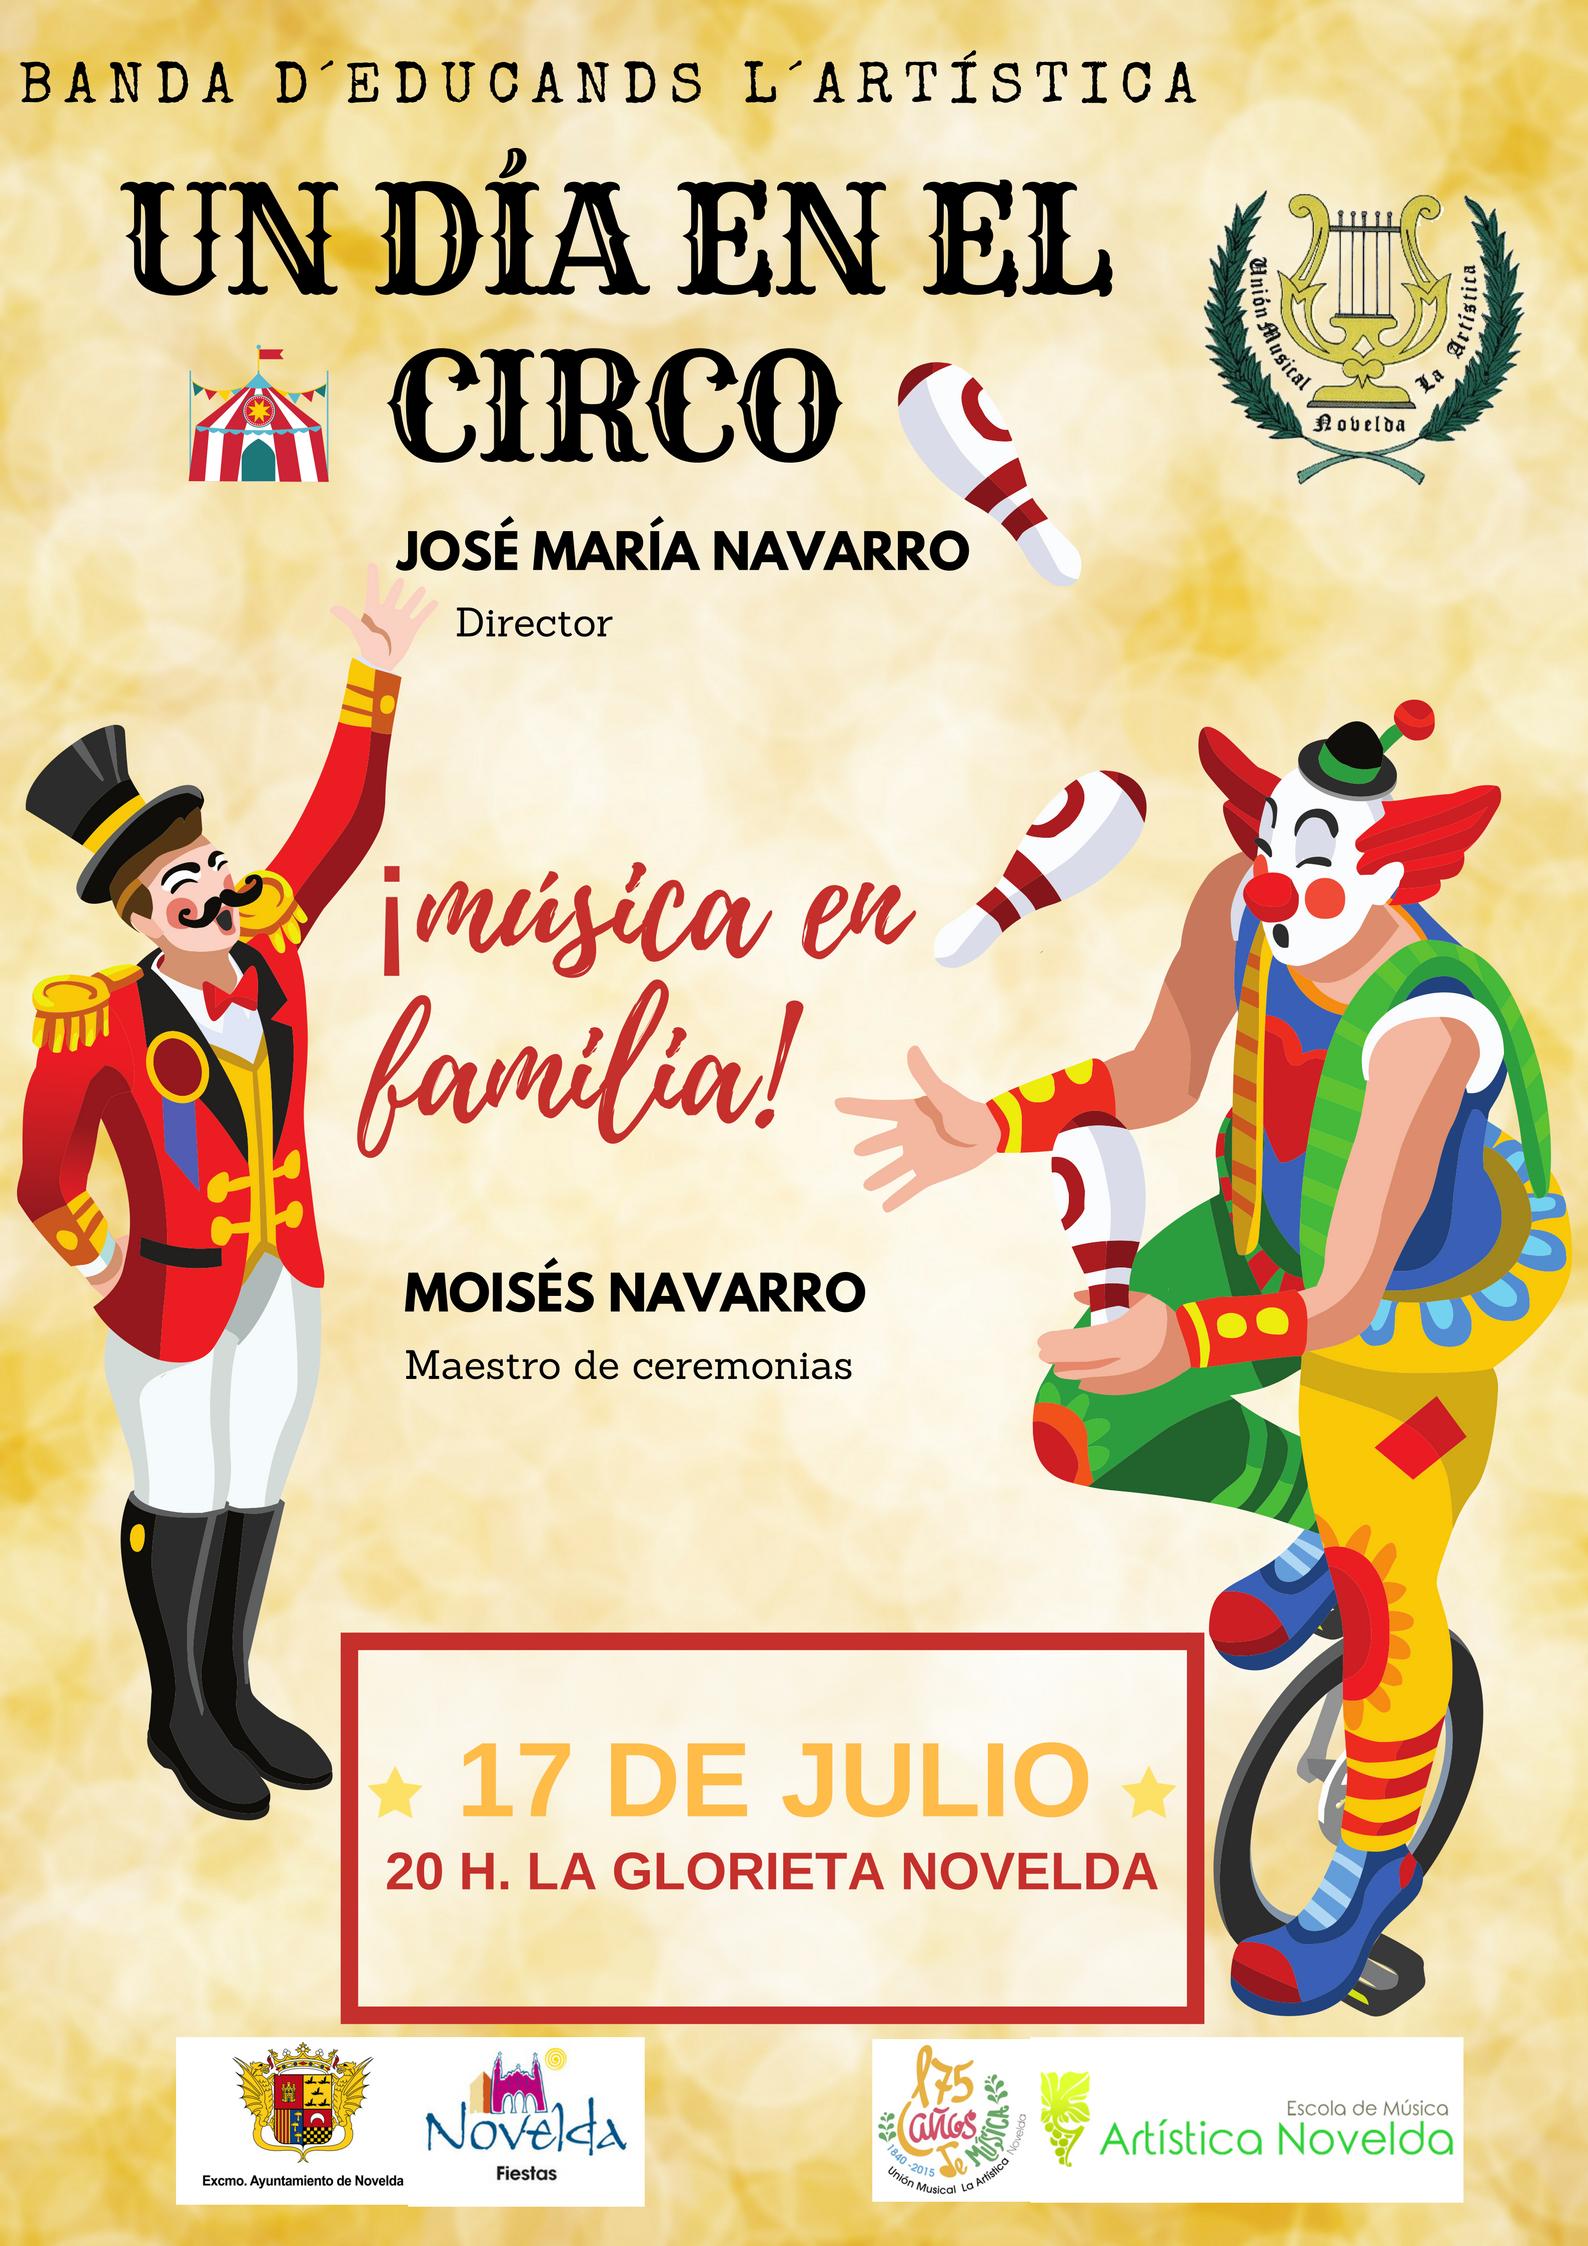 Un día en el circo